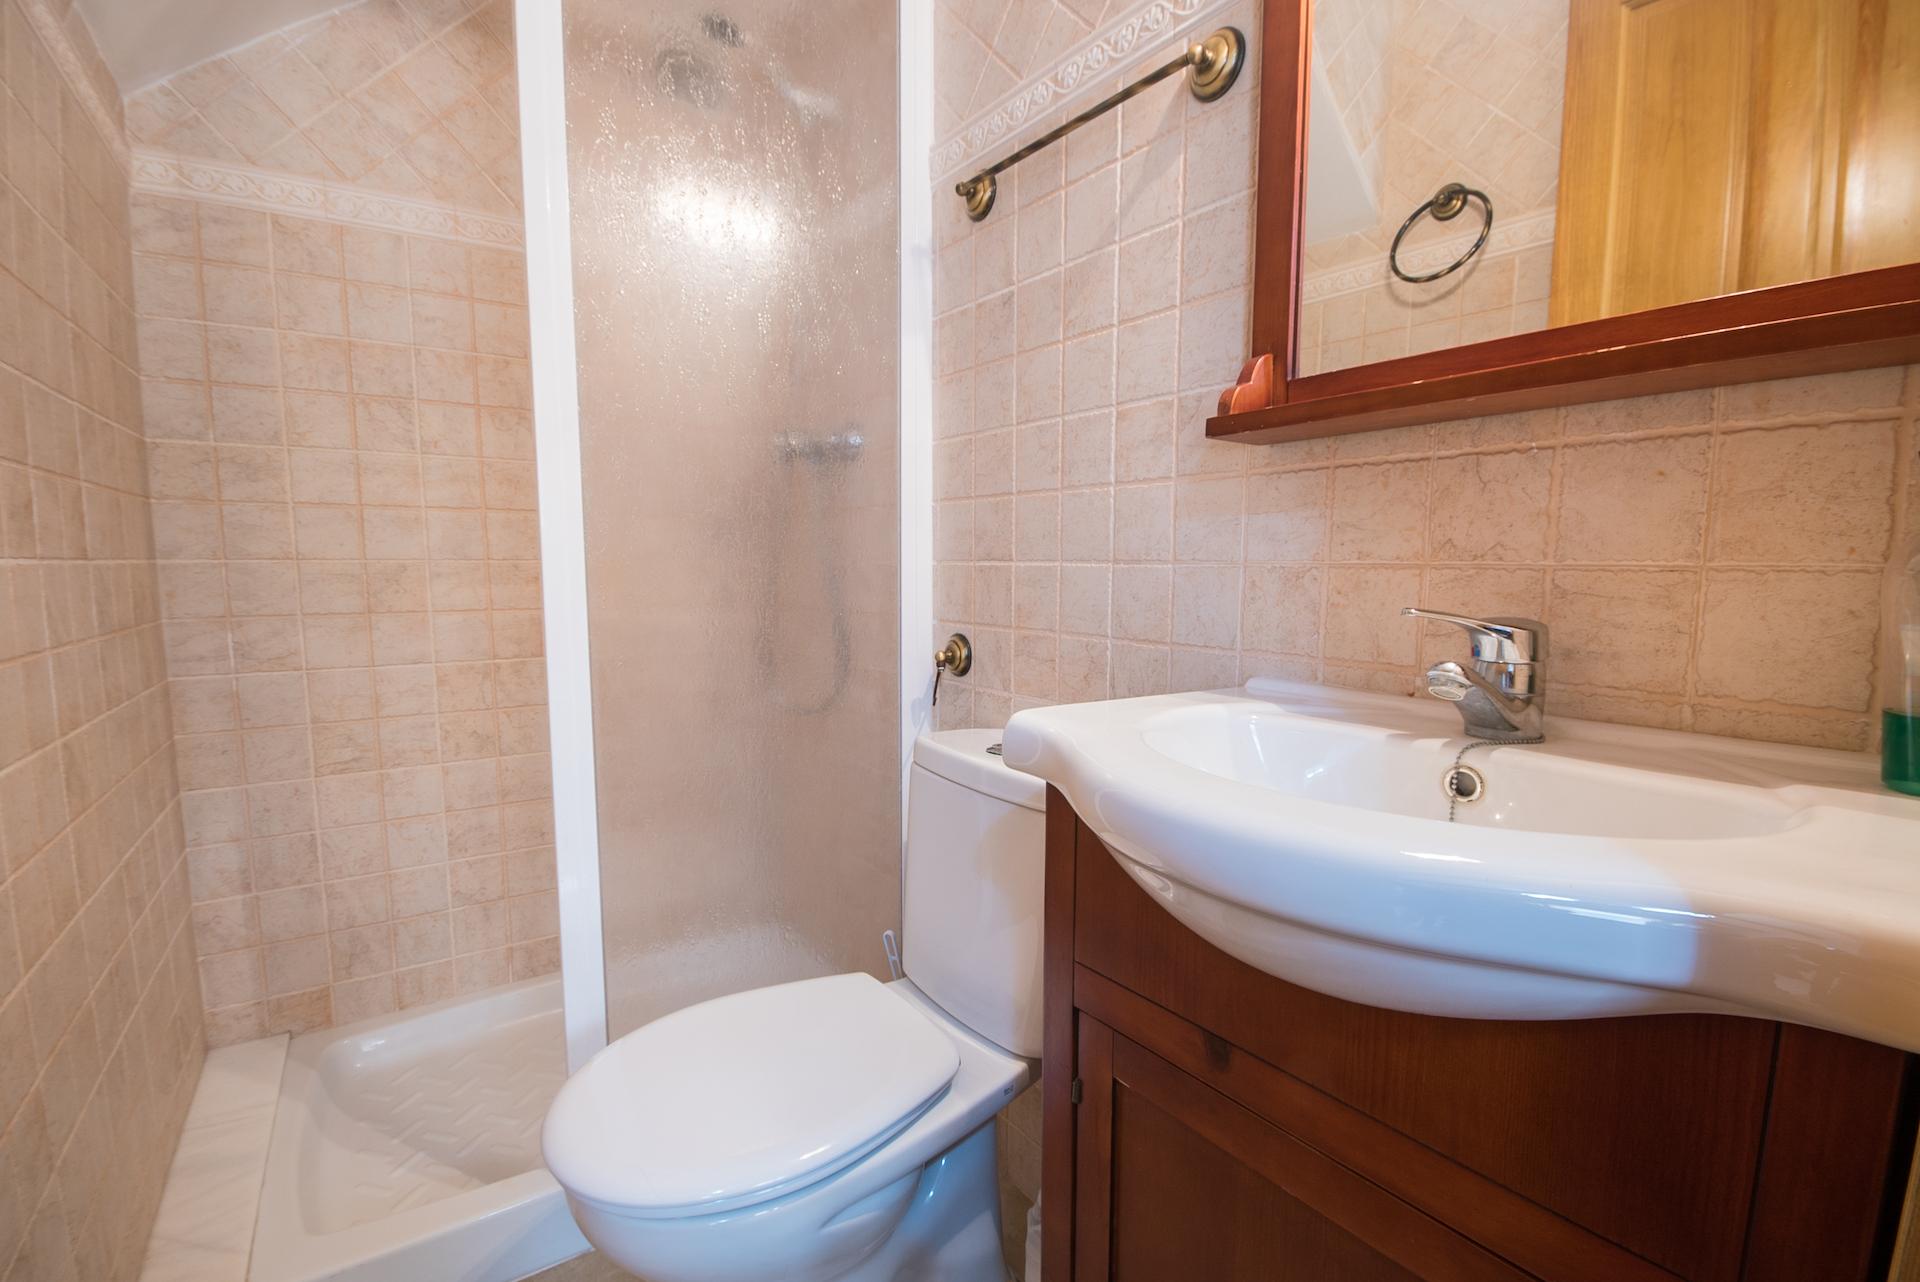 Caudiel - Casa Vista Alegre - Baño con plato de ducha